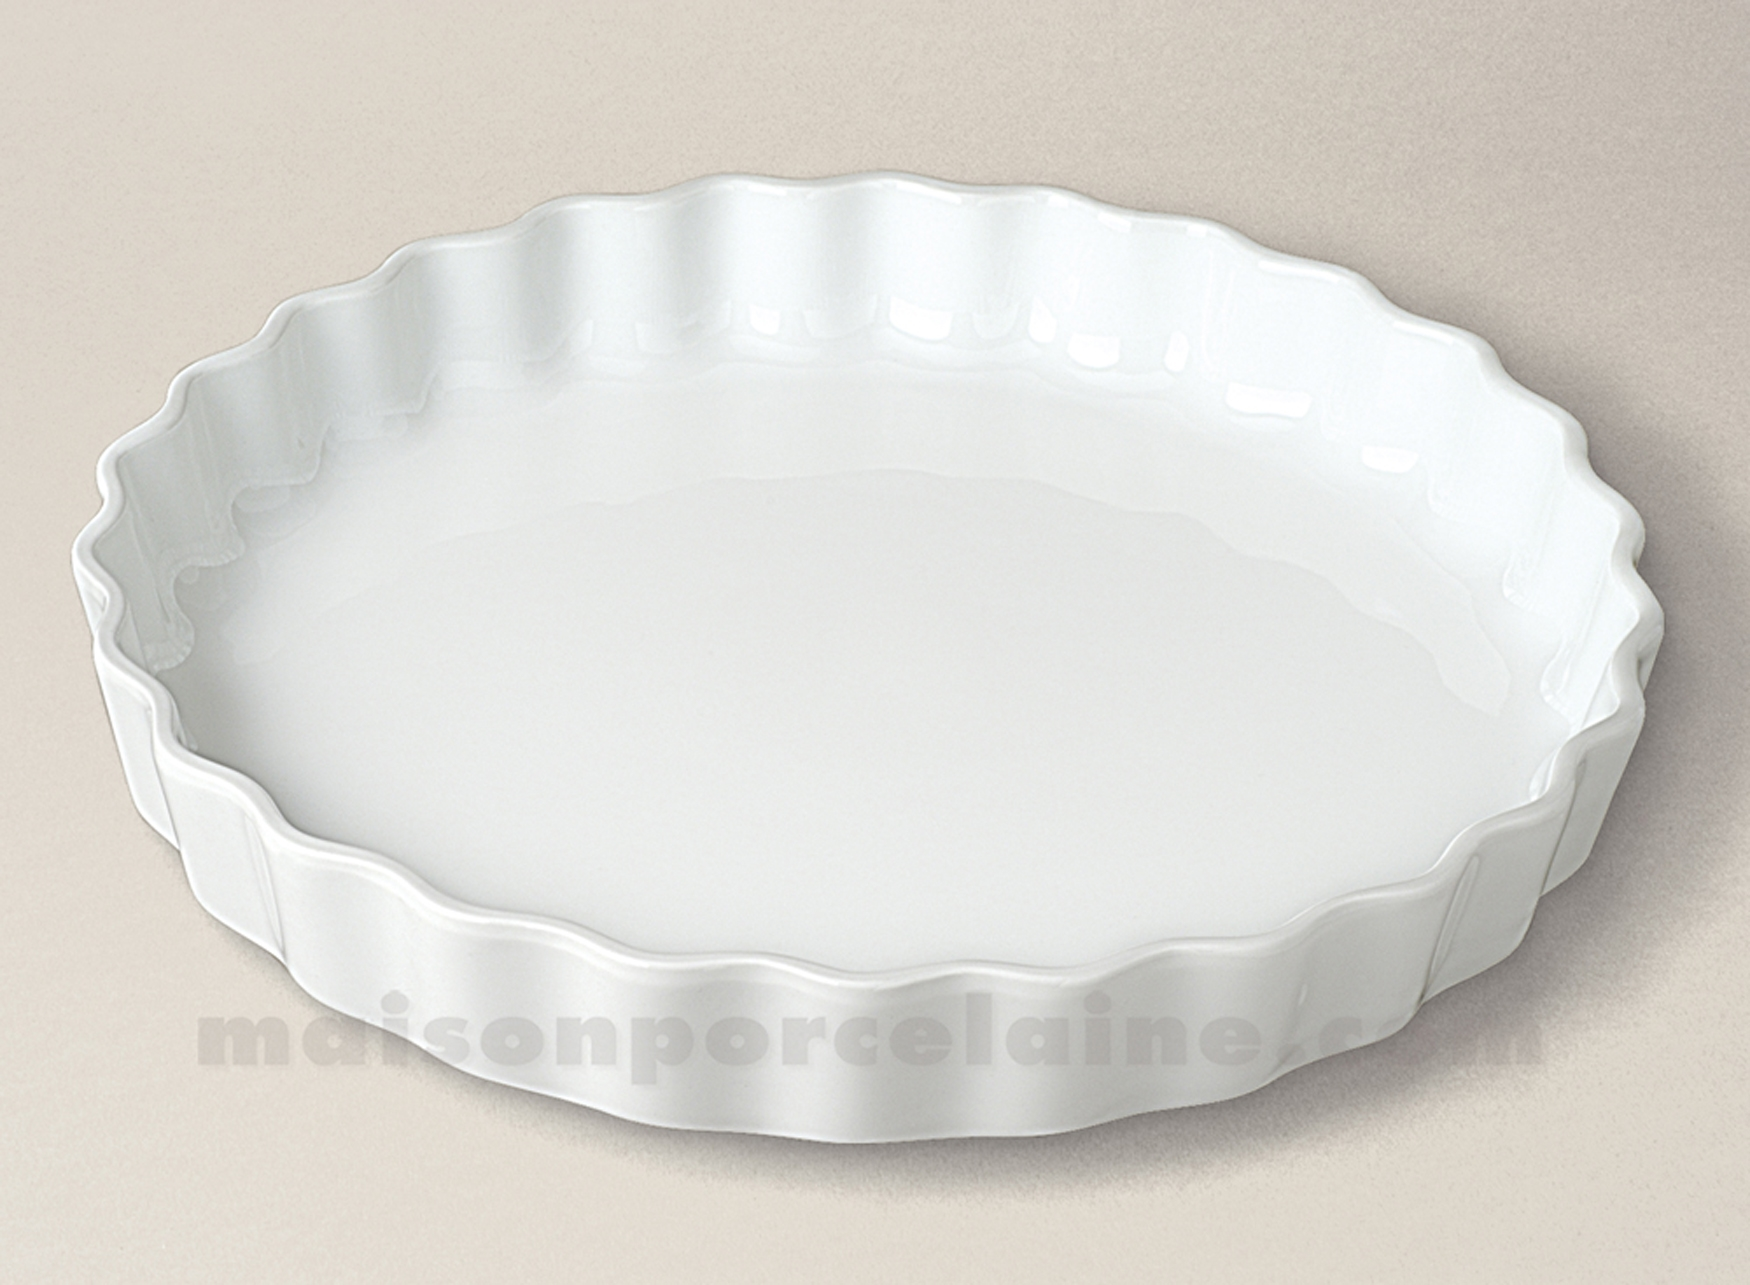 Moule A Tartelette Professionnel moule tarte culinaire 3 toques 33x5 - maison de la porcelaine